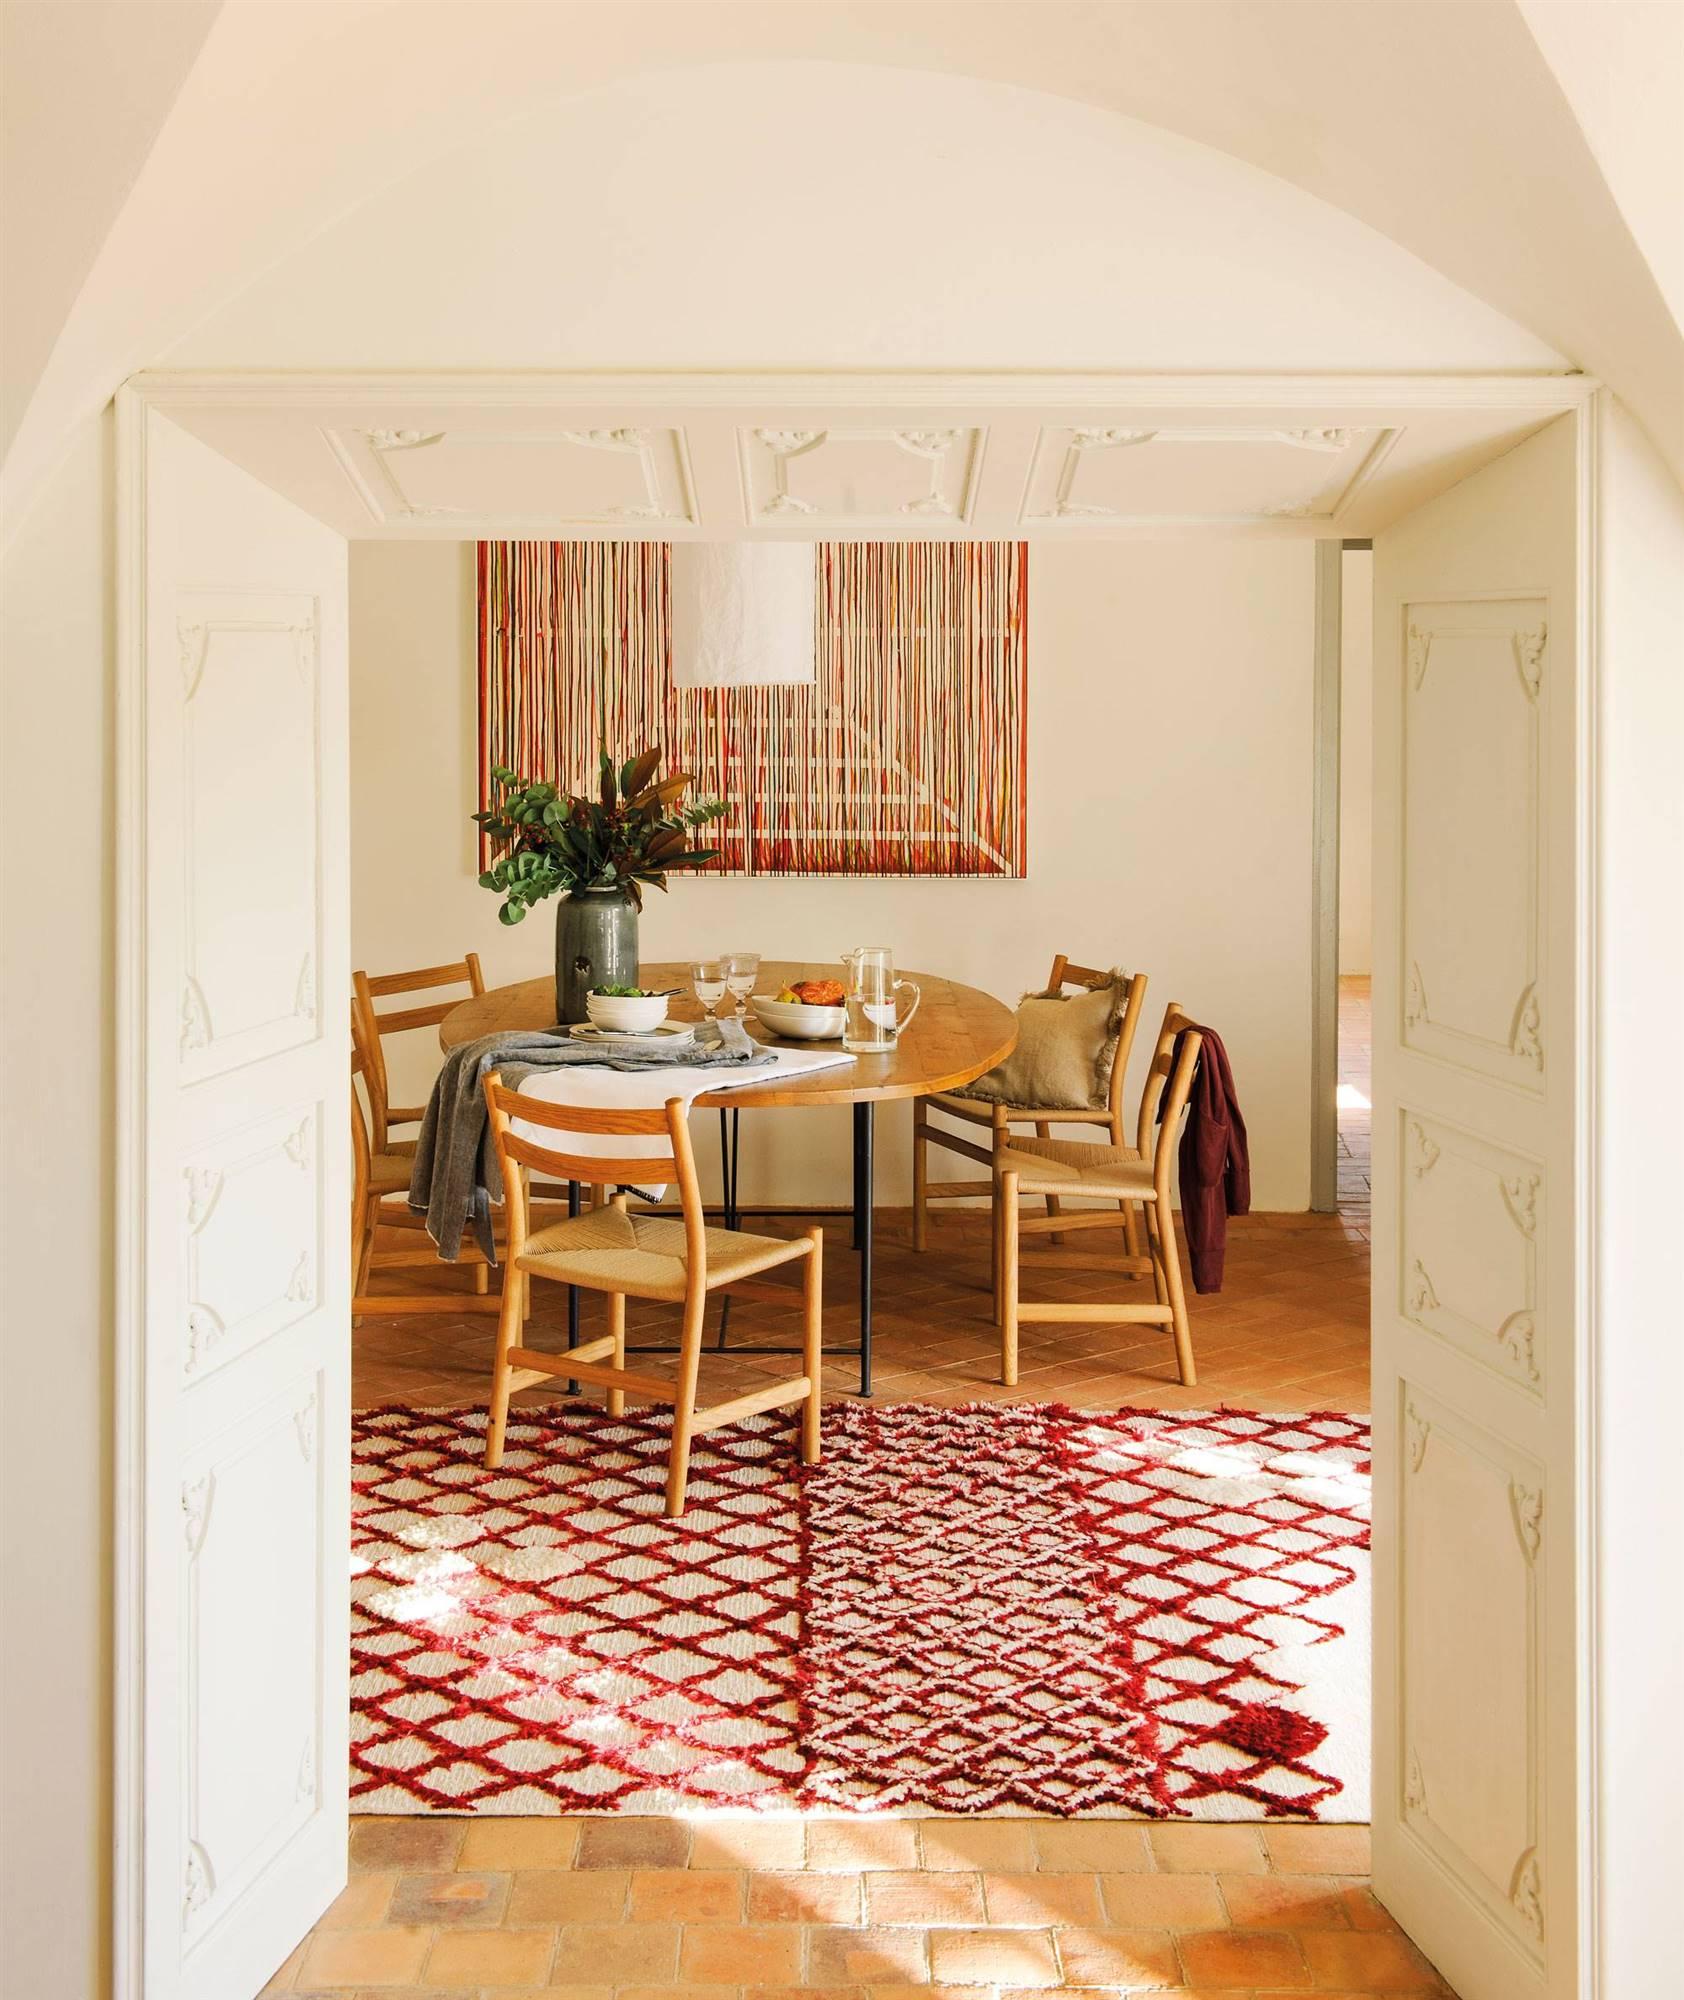 Las alfombras son perfectas para colocarlas en cualquier tipo de piso. (Foto: El Mueble)